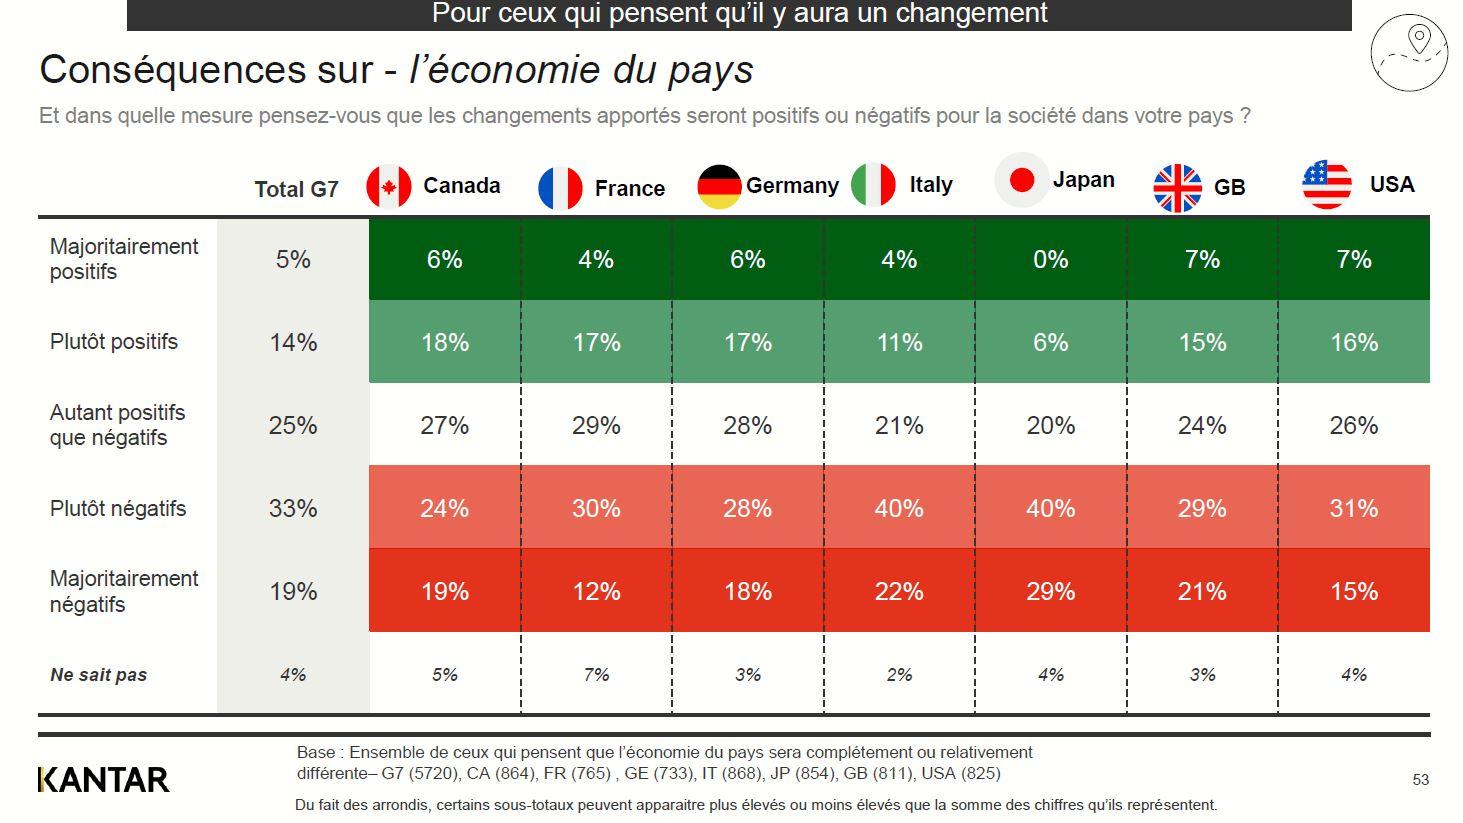 conséquences économies du pays - etude kantar covid-19